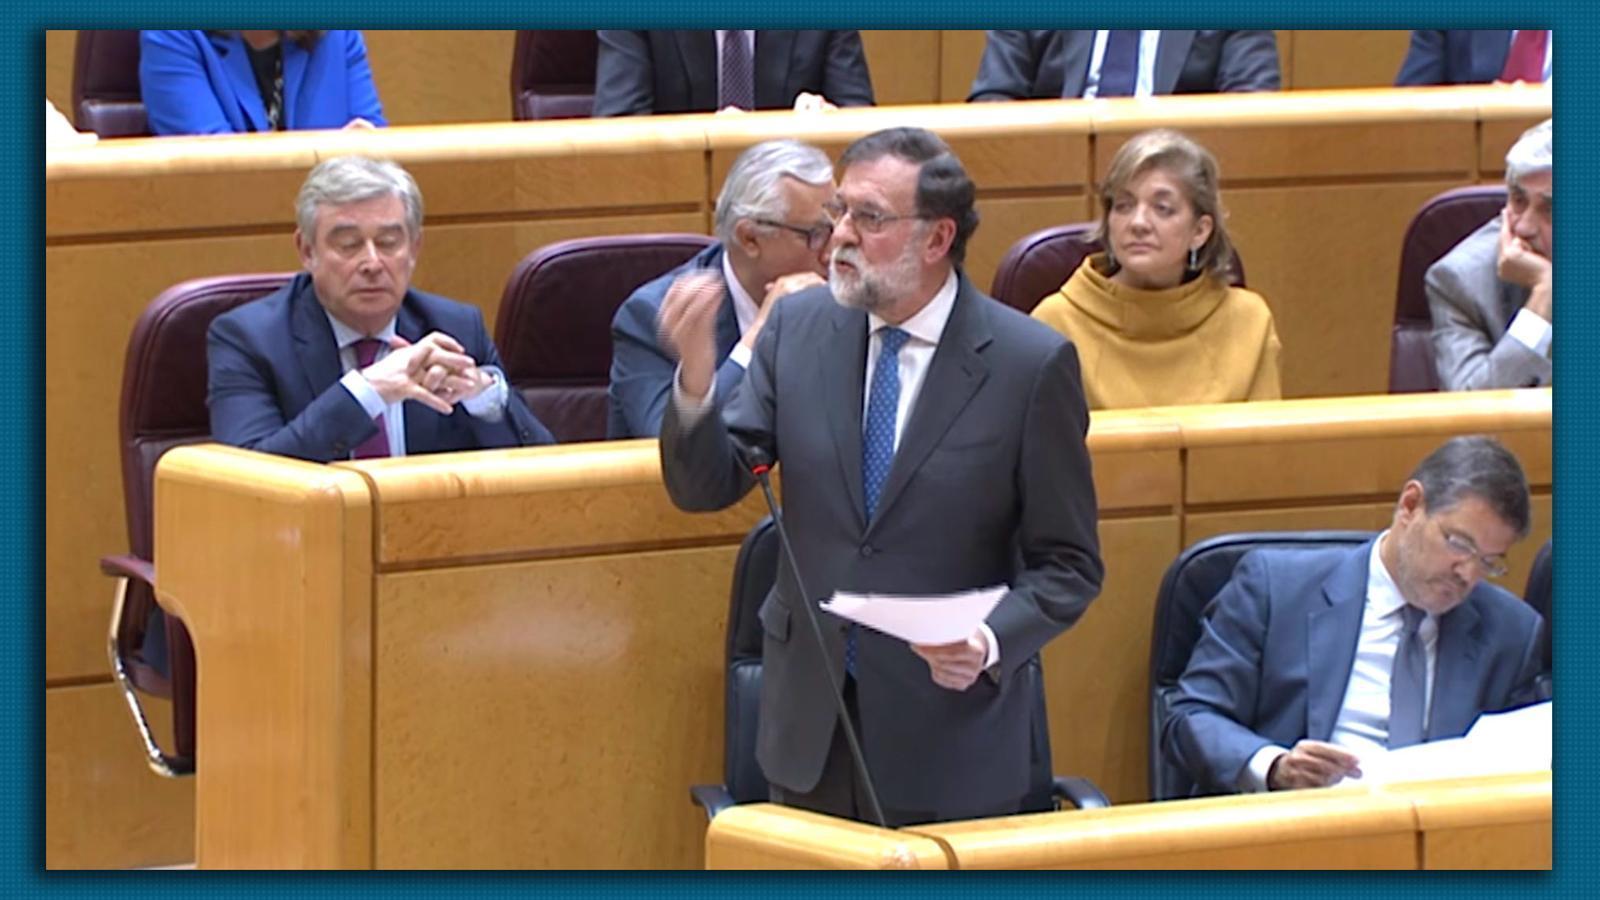 L'anàlisi d'Antoni Bassas: '¿Pero dónde vive usted? Li contestem la pregunta a Rajoy'